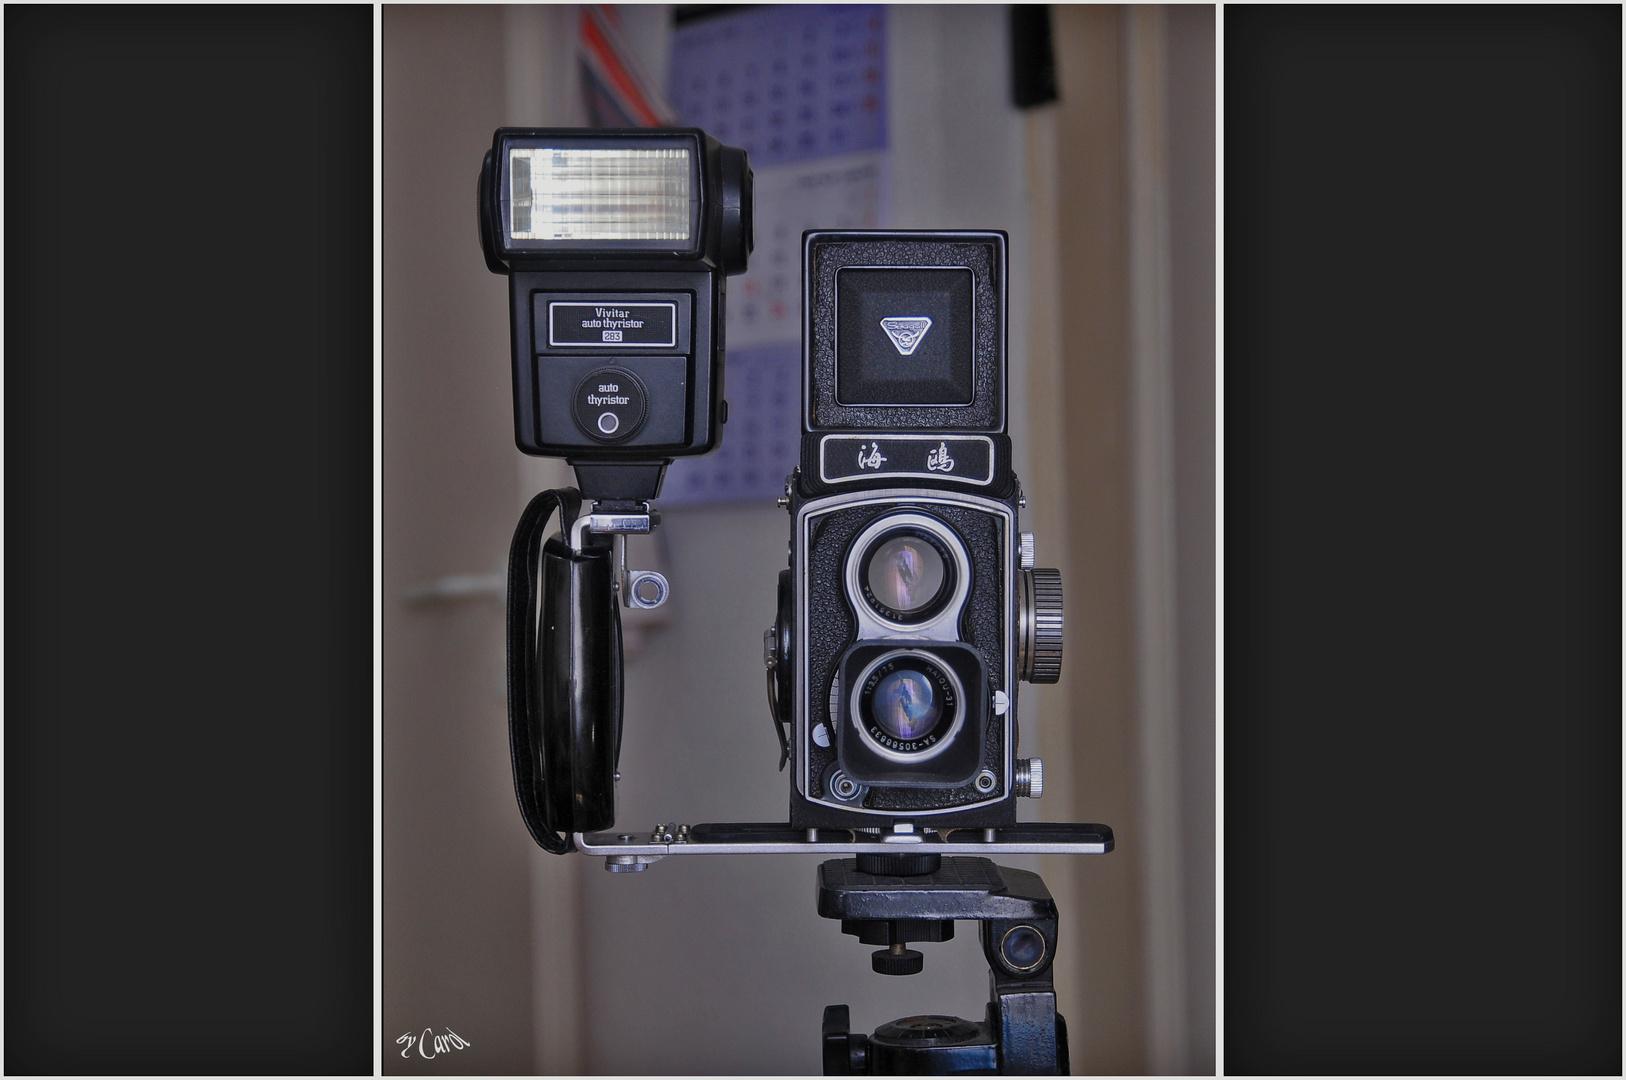 Seagull 4A von meinem alten Kameras (voll funktionsfähig)